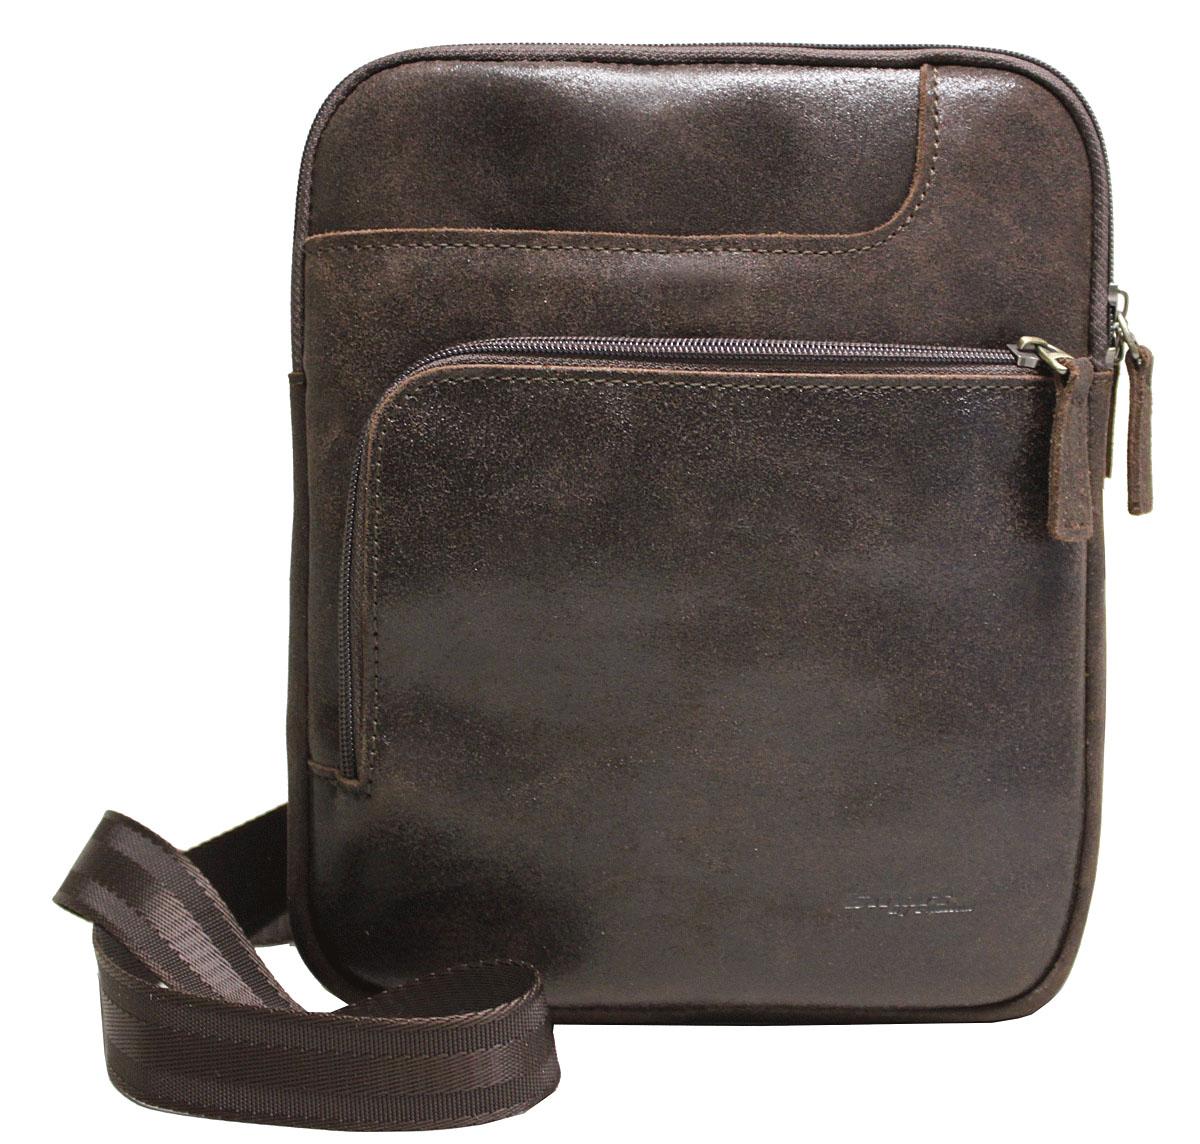 Сумка-планшет мужская Edmins Smart by Edmins, цвет: коричневый. 15С681КЗ15С681КЗМужская сумка Edmins имеет одно отделение, закрывающееся на застежку. Оснащена регулируемым плечевым ремнем. C тыльной стороны сумки расположен прорезной карман на застежке-молнии. С передней стороны имеется накладной карман на молнии и накладной карман на магните.